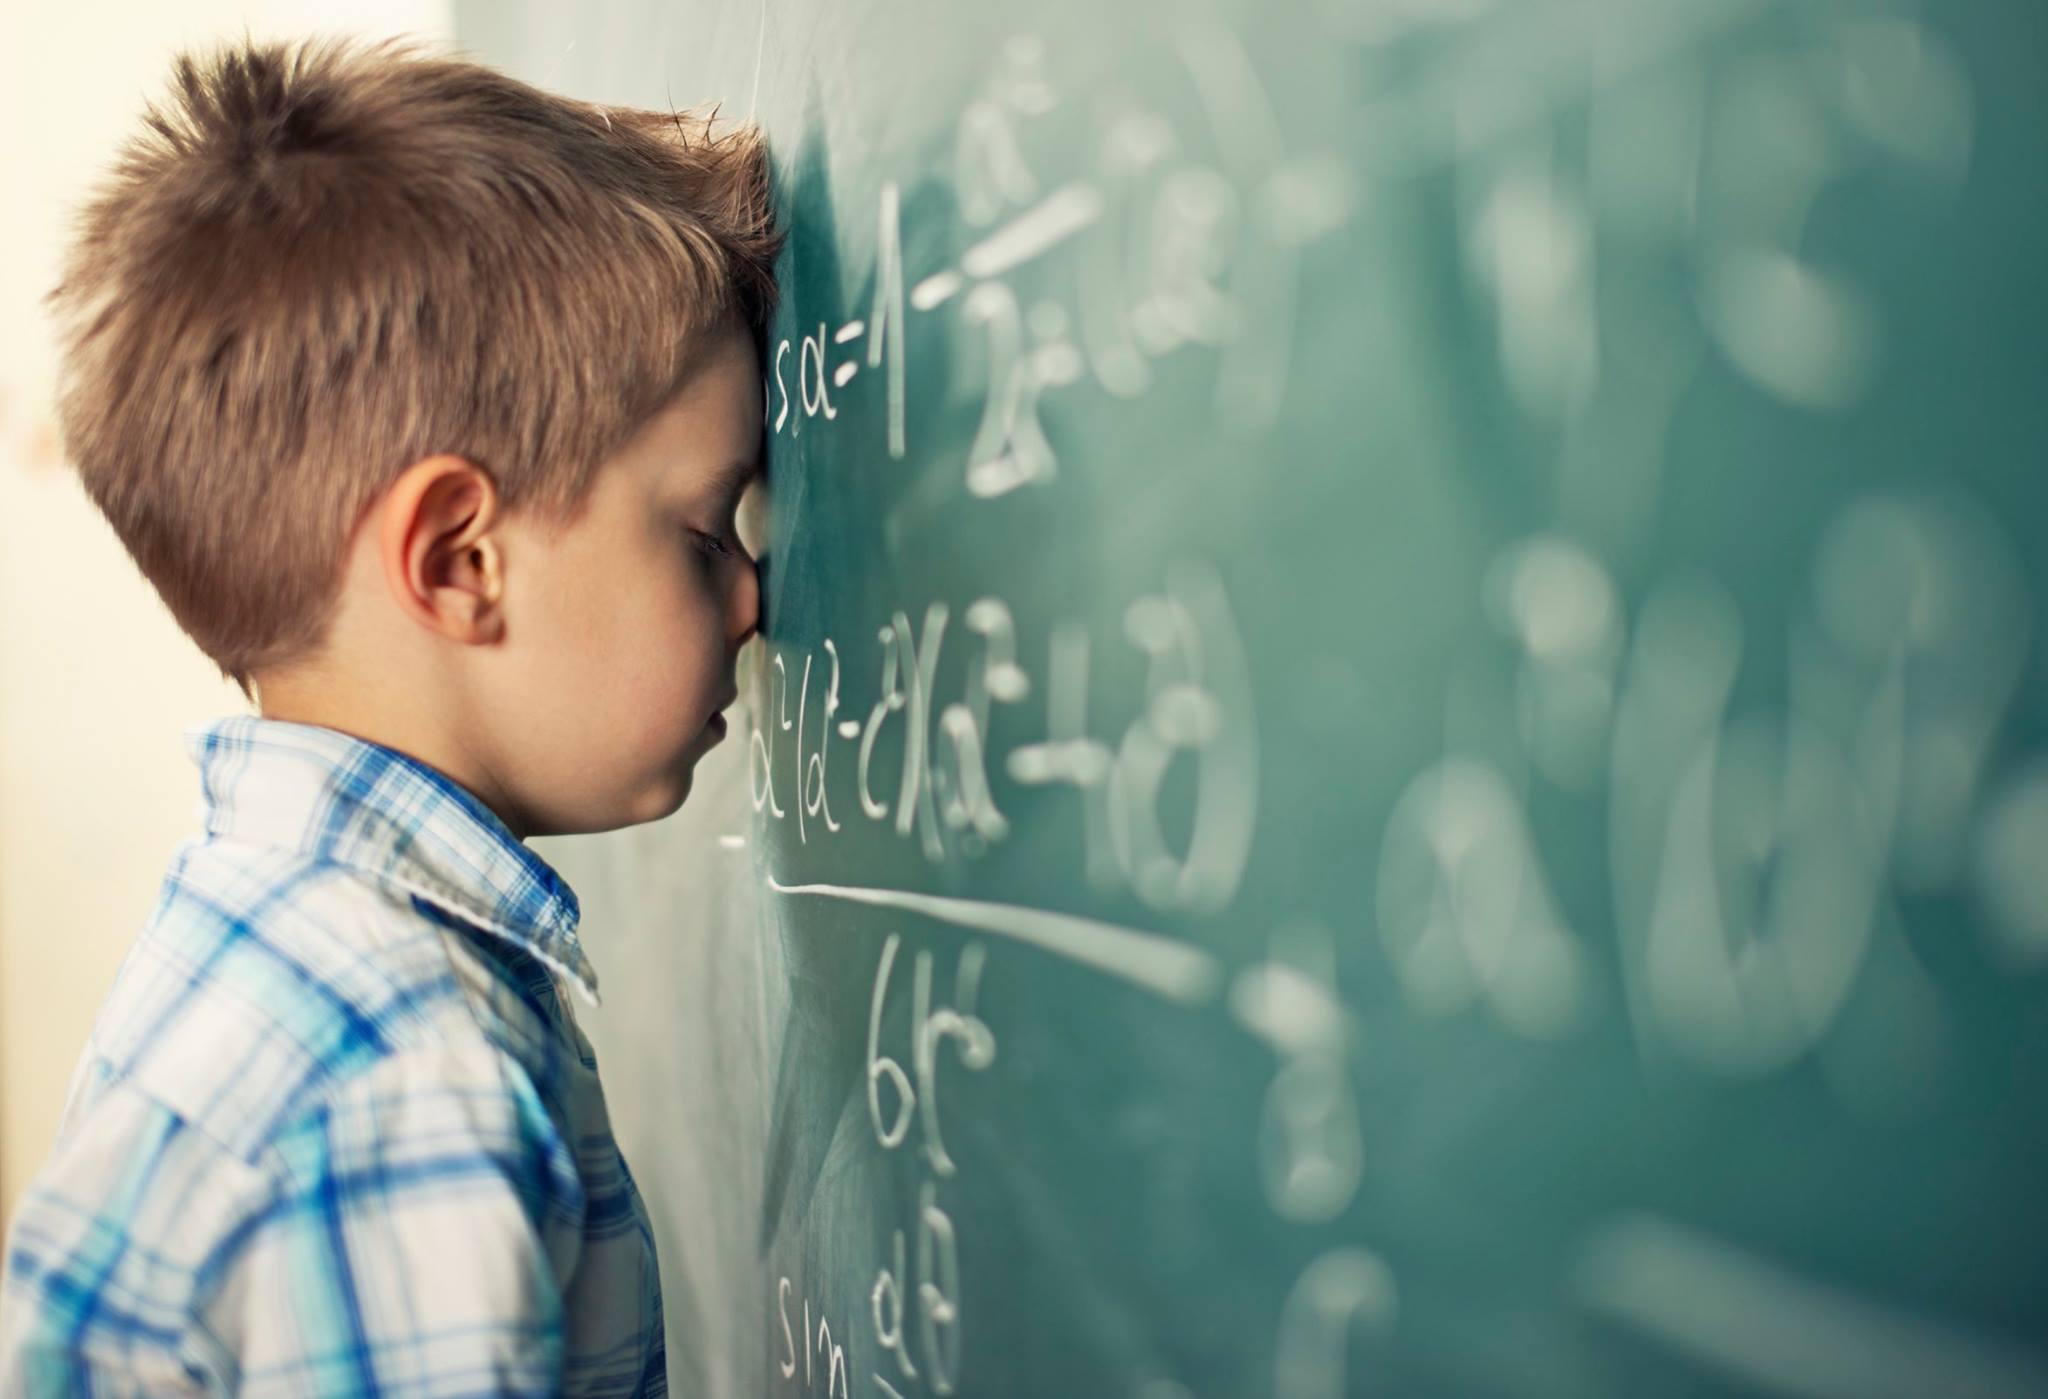 Disturbi specifici dell'apprendimento: diagnosi, cause e trattamento